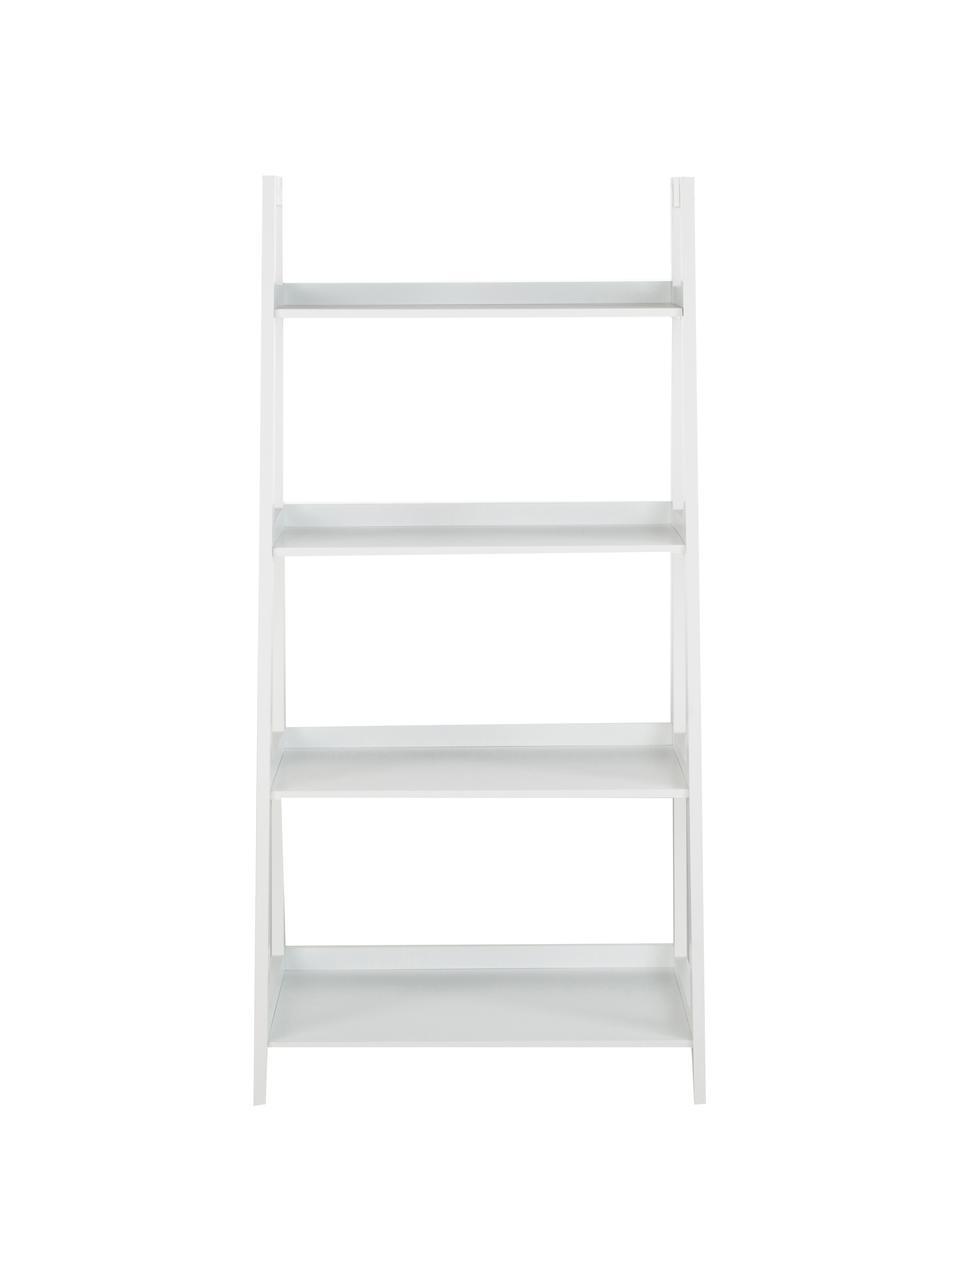 Niedriges Standregal Wally in Weiß, Mitteldichte Holzfaserplatte (MDF), lackiert, Weiß, 63 x 130 cm